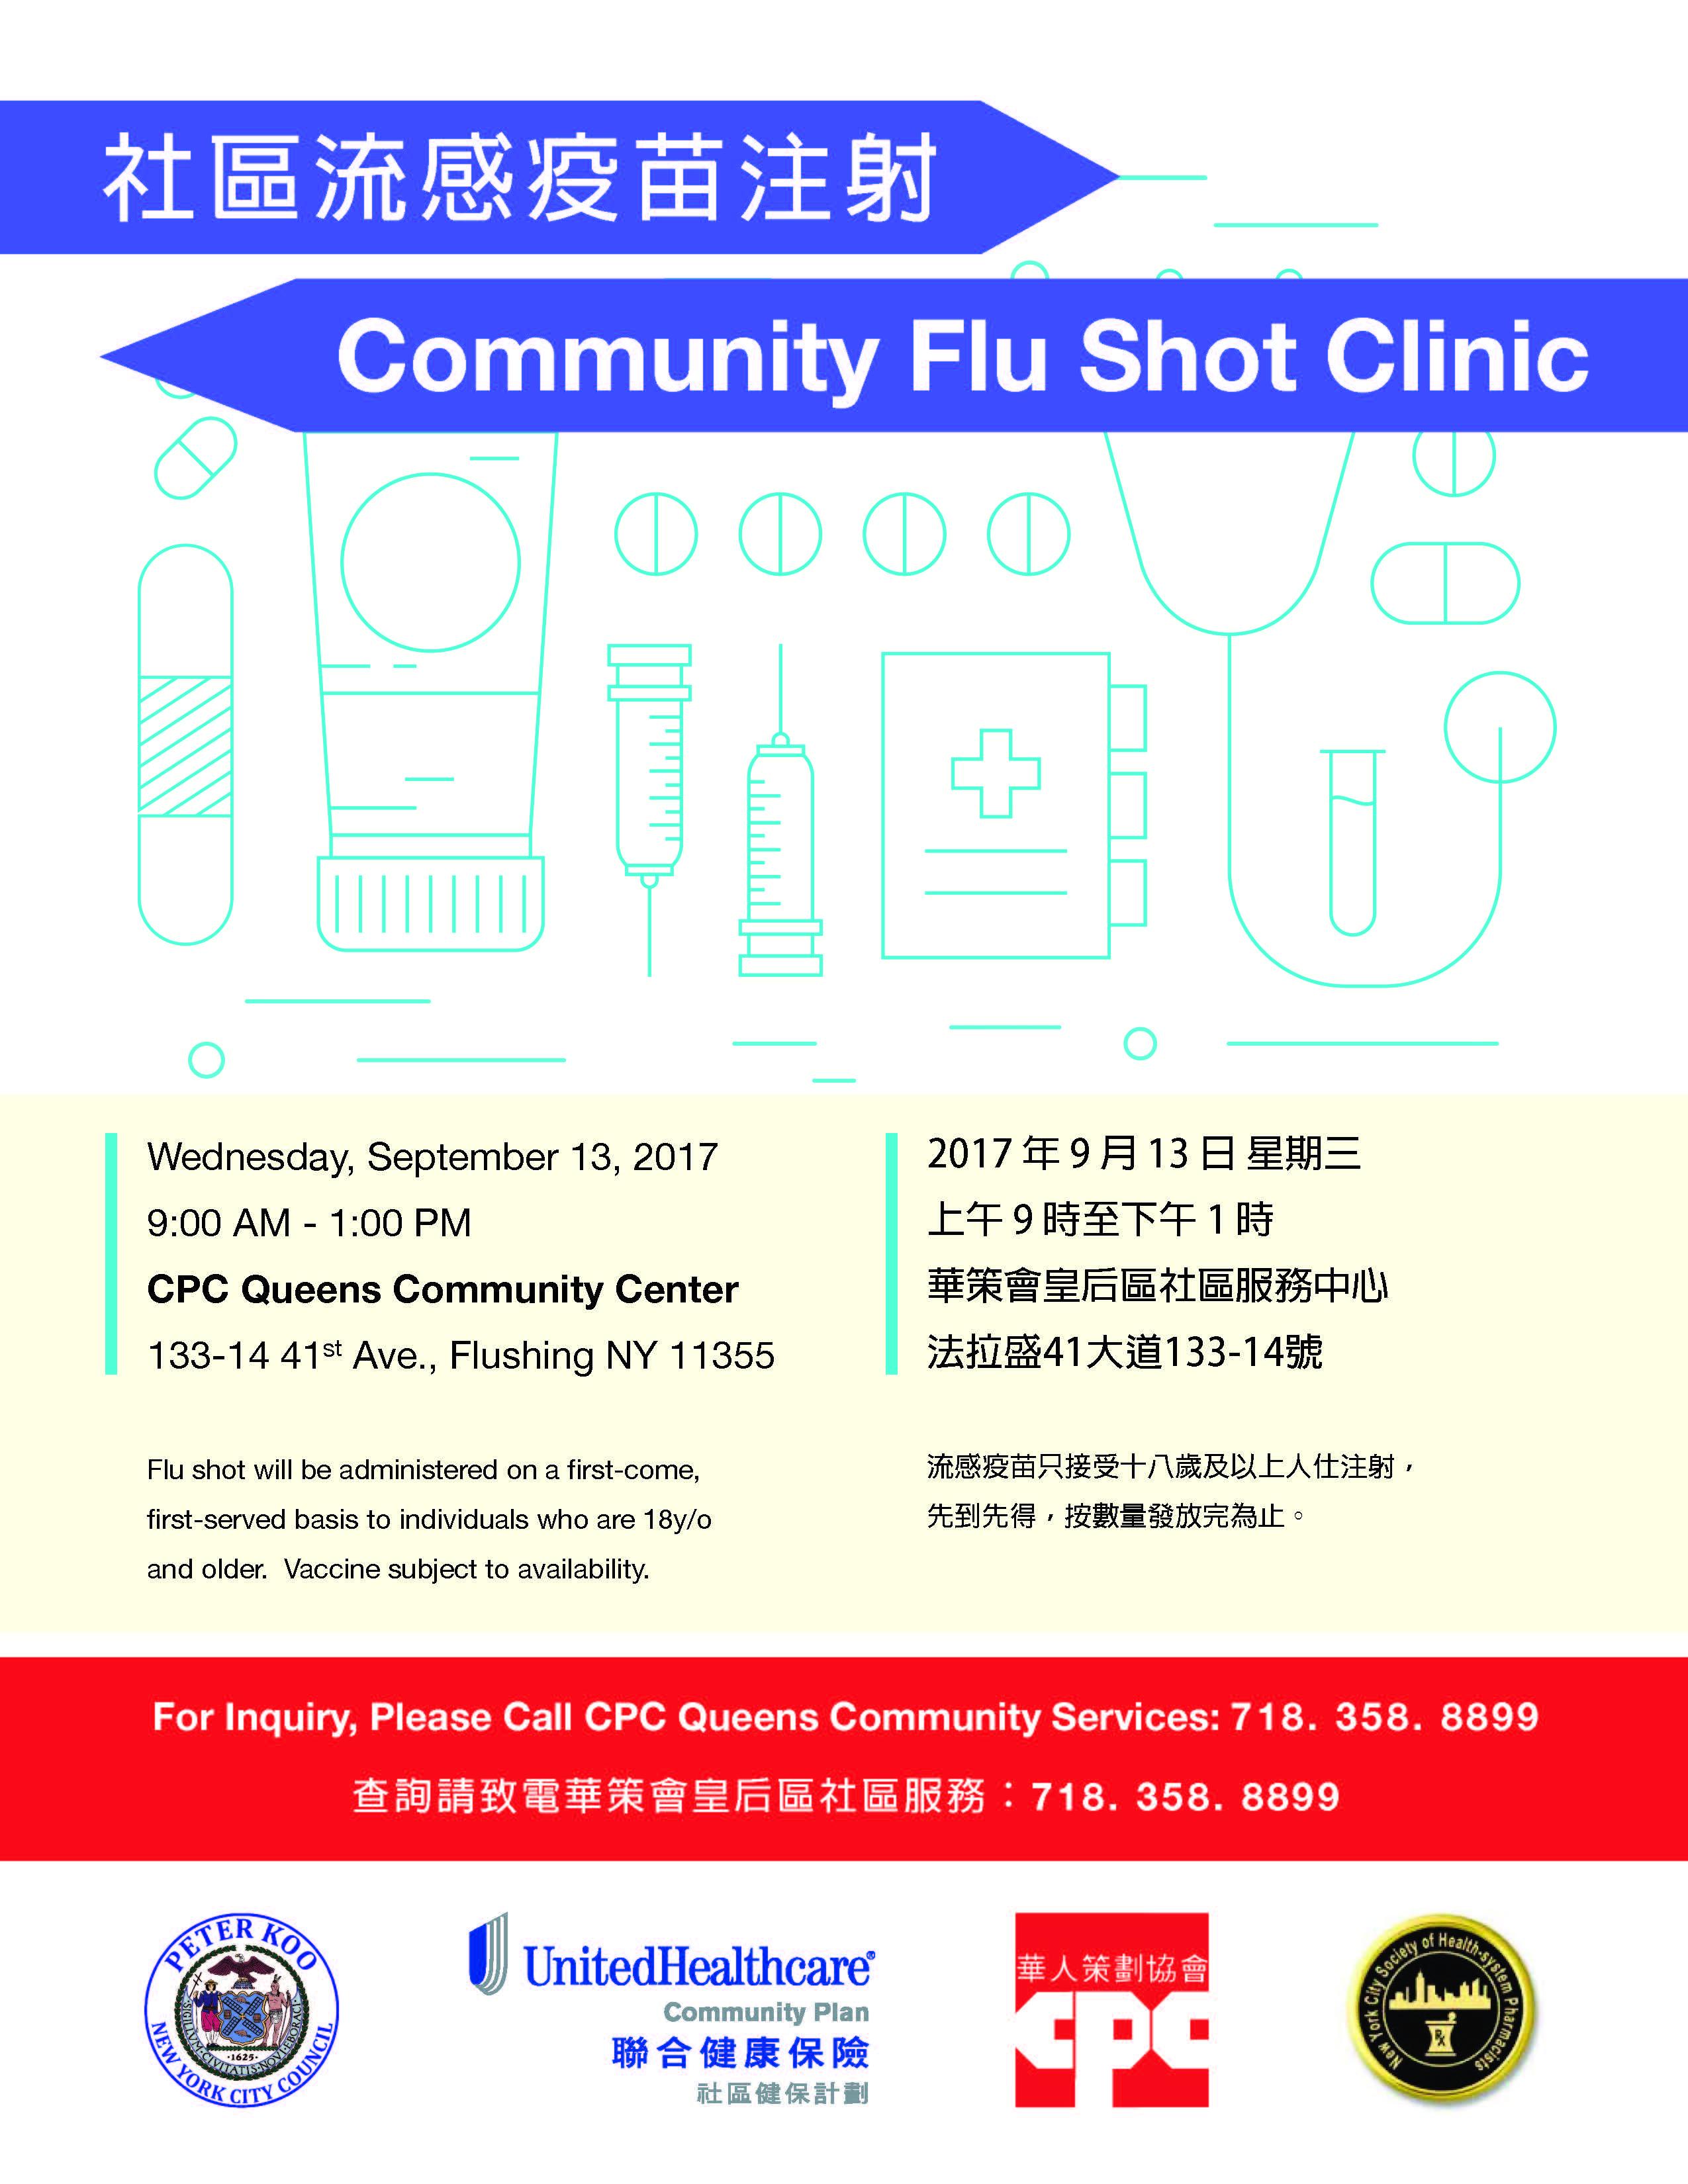 Community Flu Shot Clinic